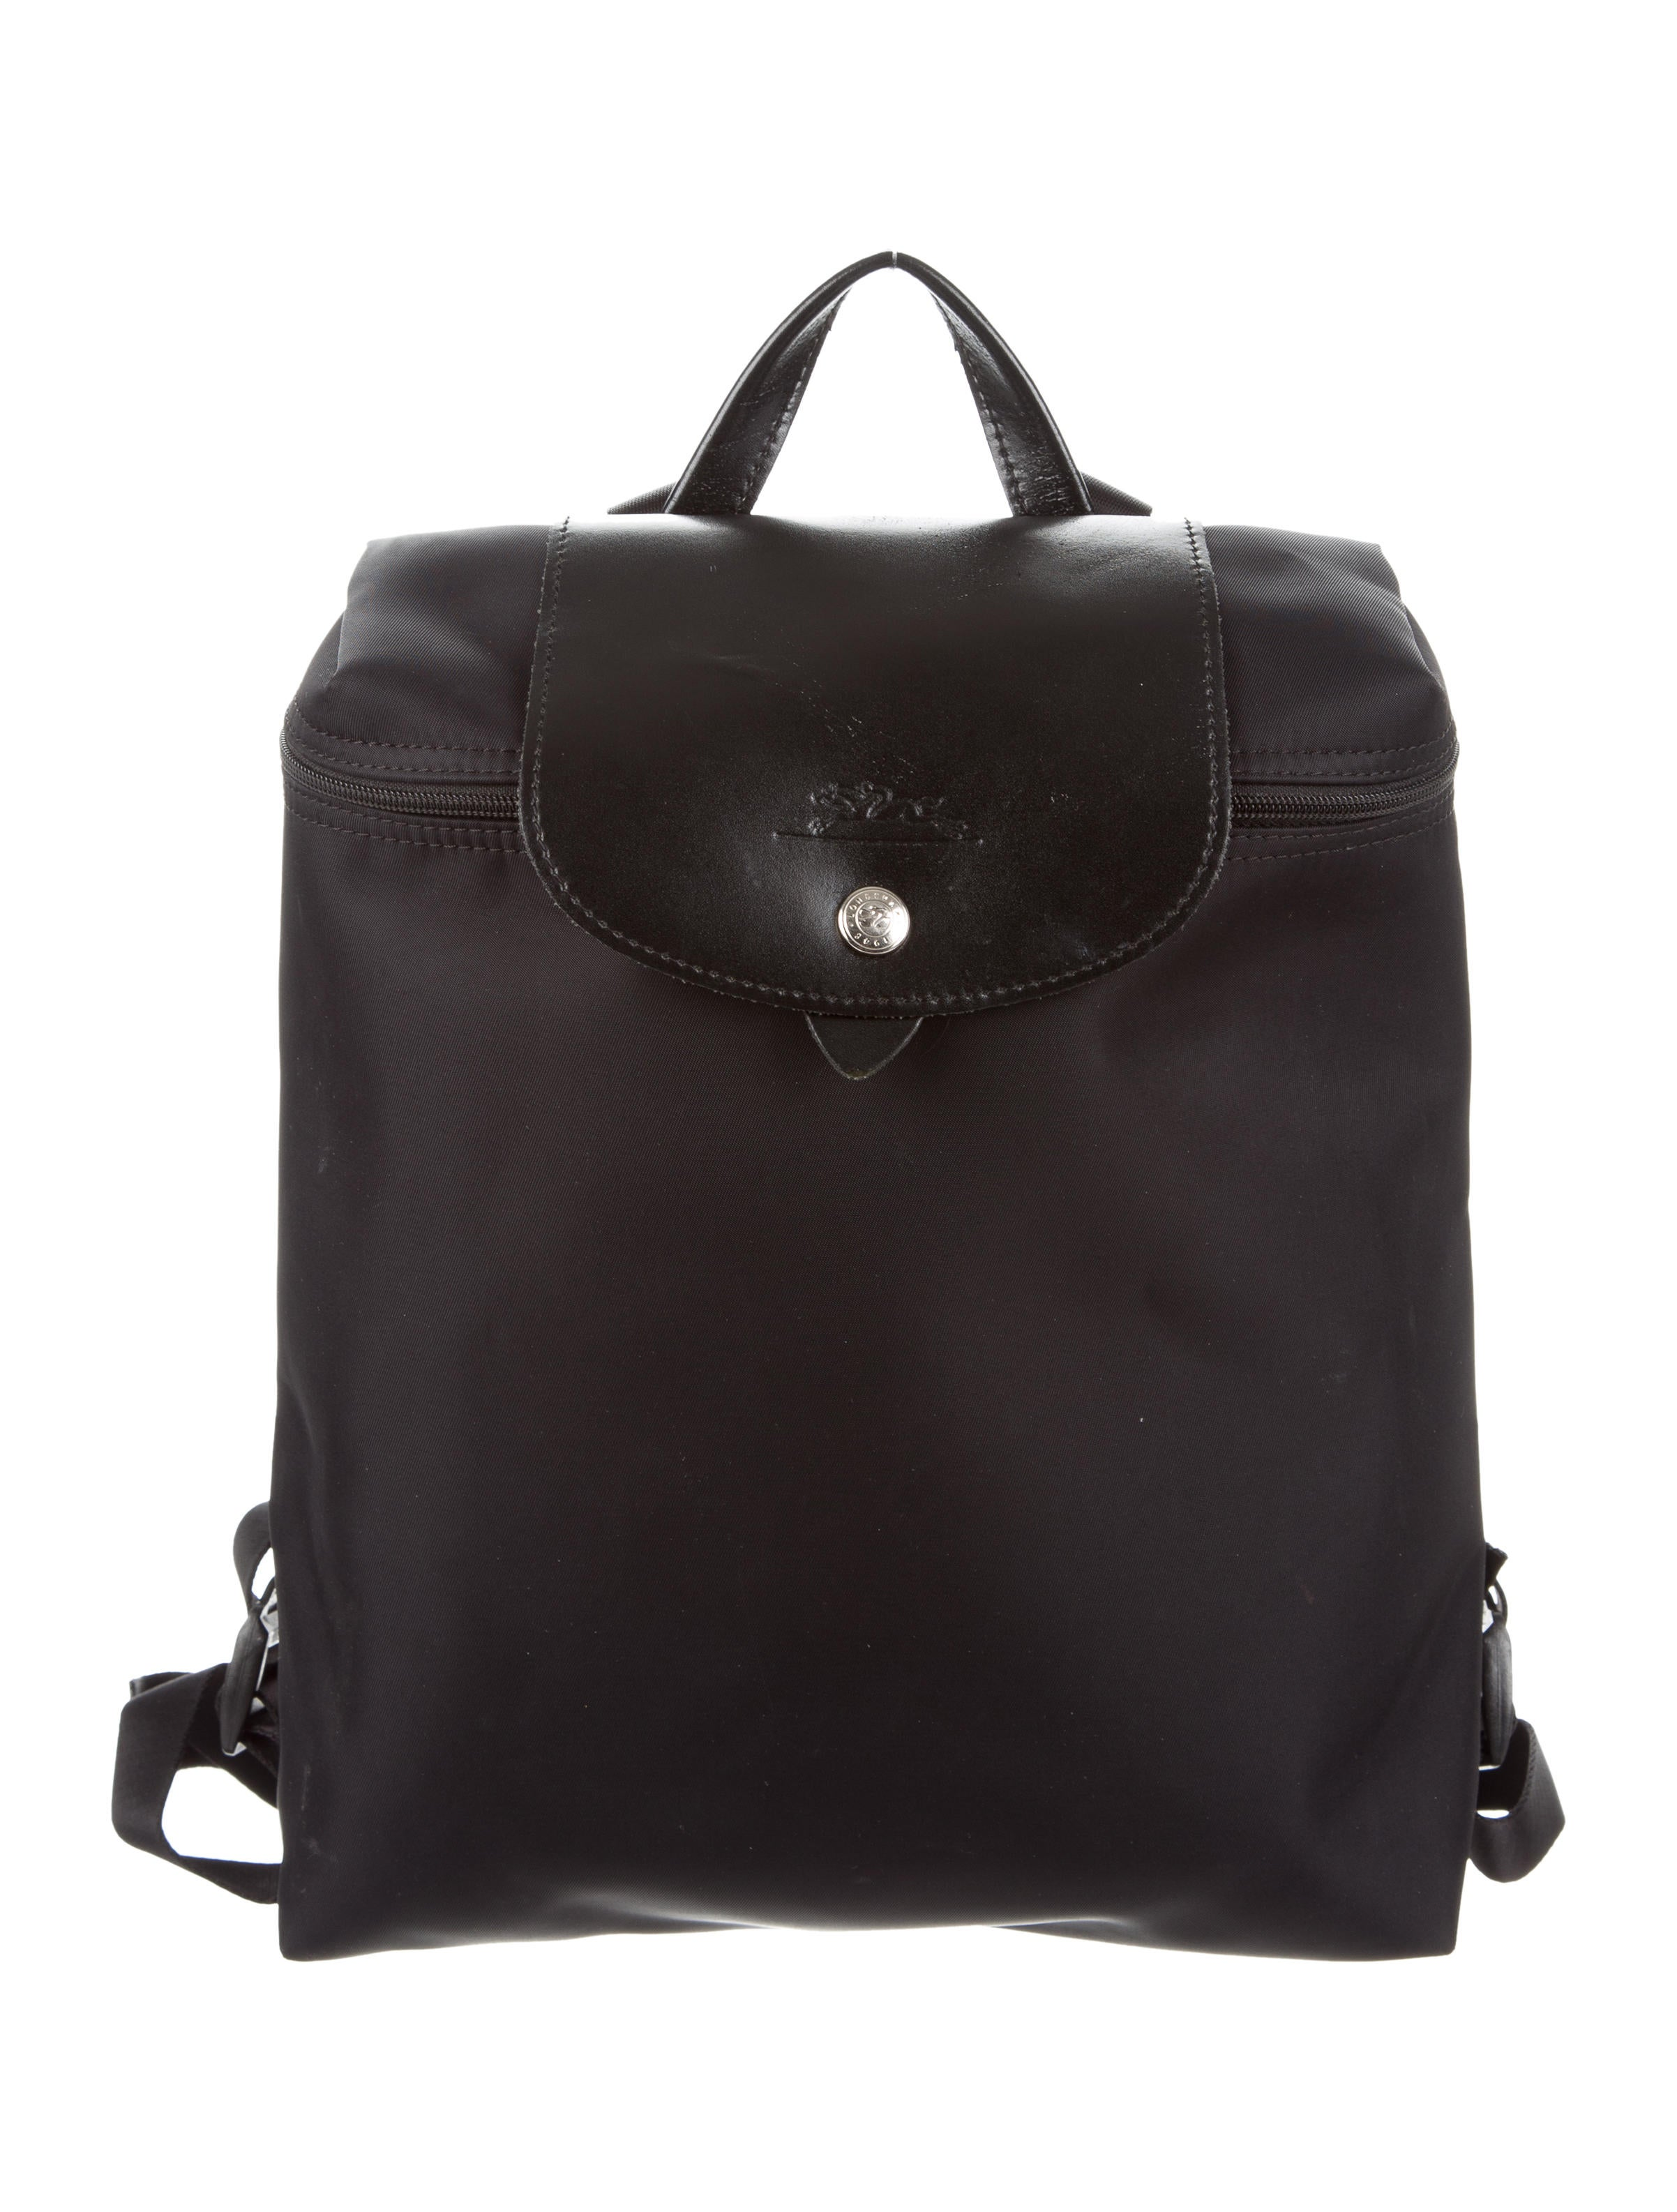 243f69da1430 Longchamp Le Pliage Backpack - Handbags - WL820972